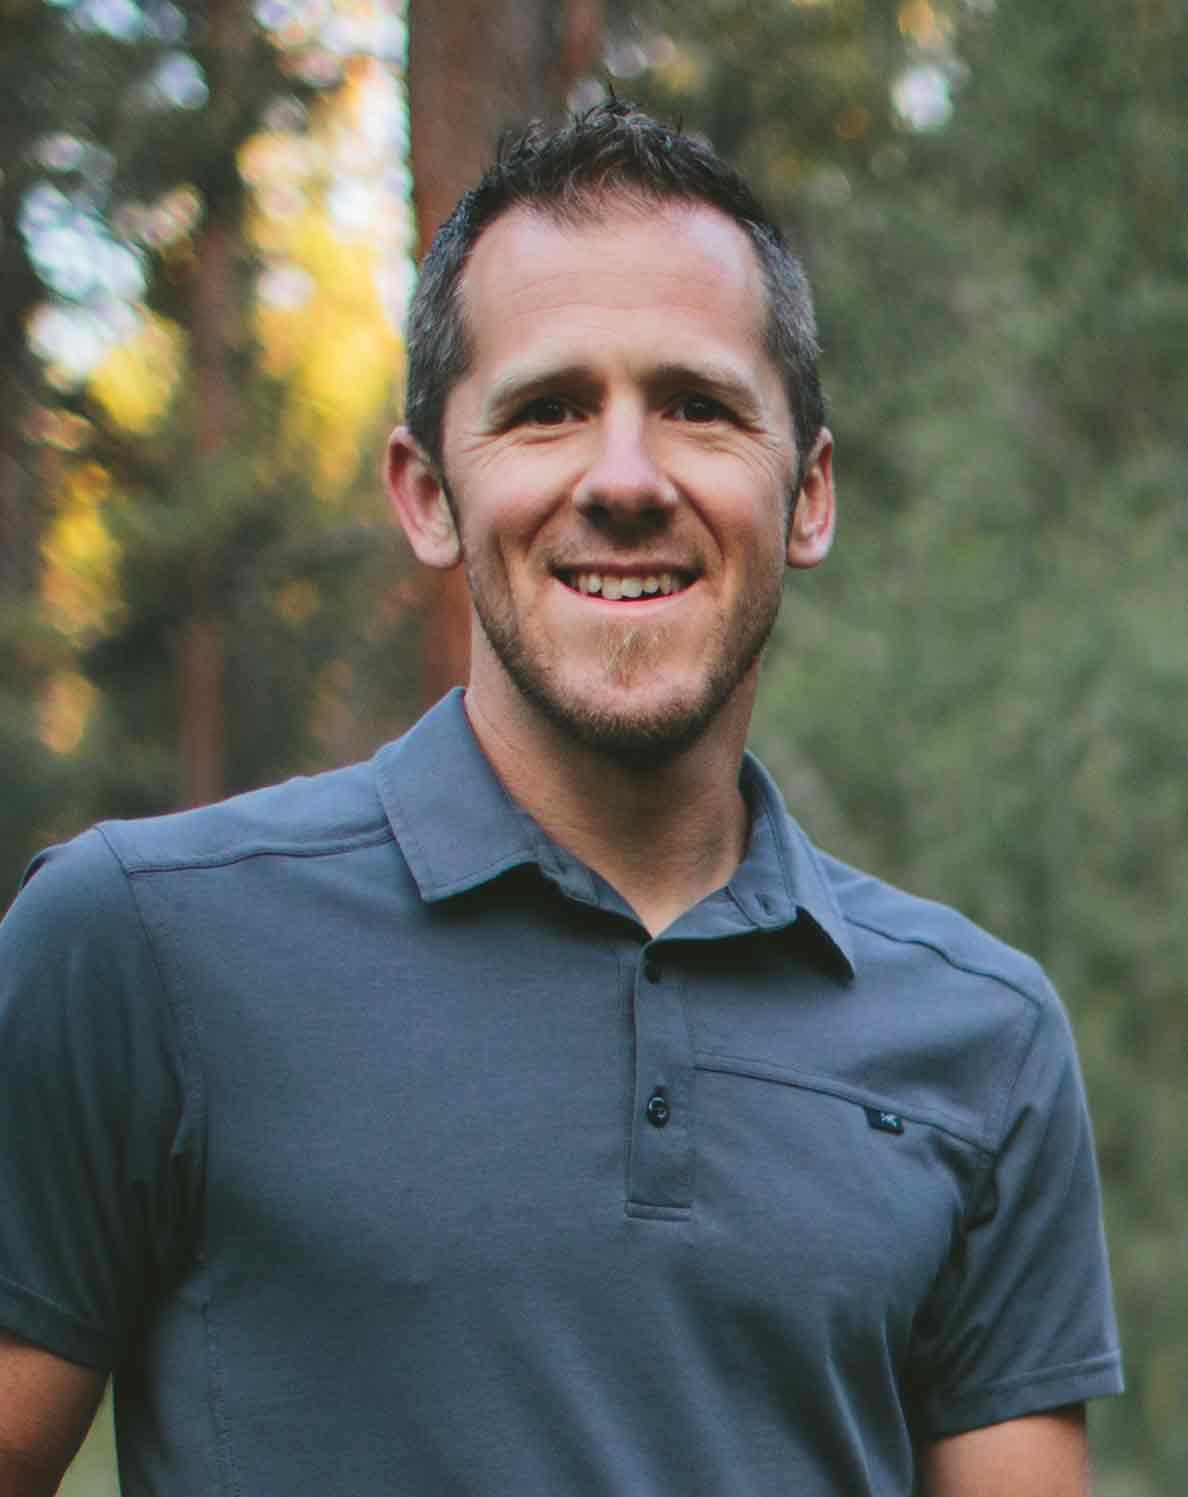 Aaron Fulcher